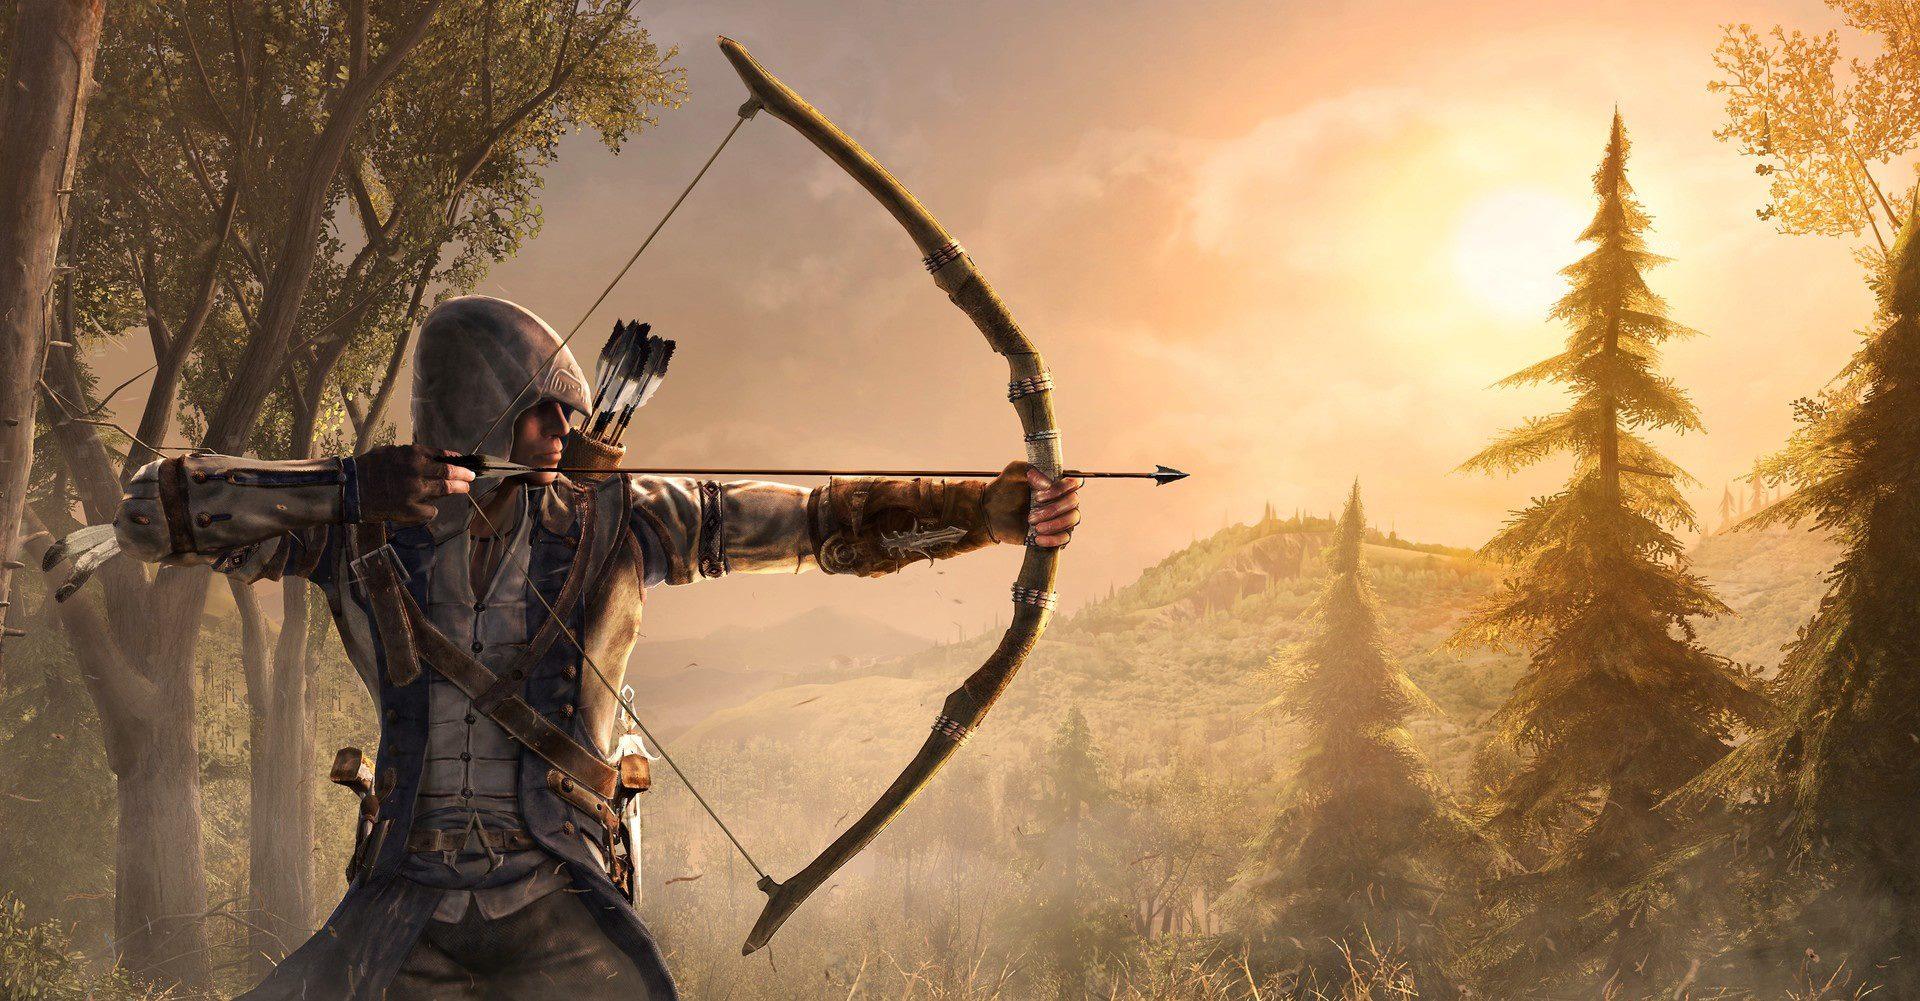 Assassin's Creed III - игра года. Мое мнение неоспоримо и является единственным верным. Я фараон. Рабы, возводите ст ... - Изображение 1